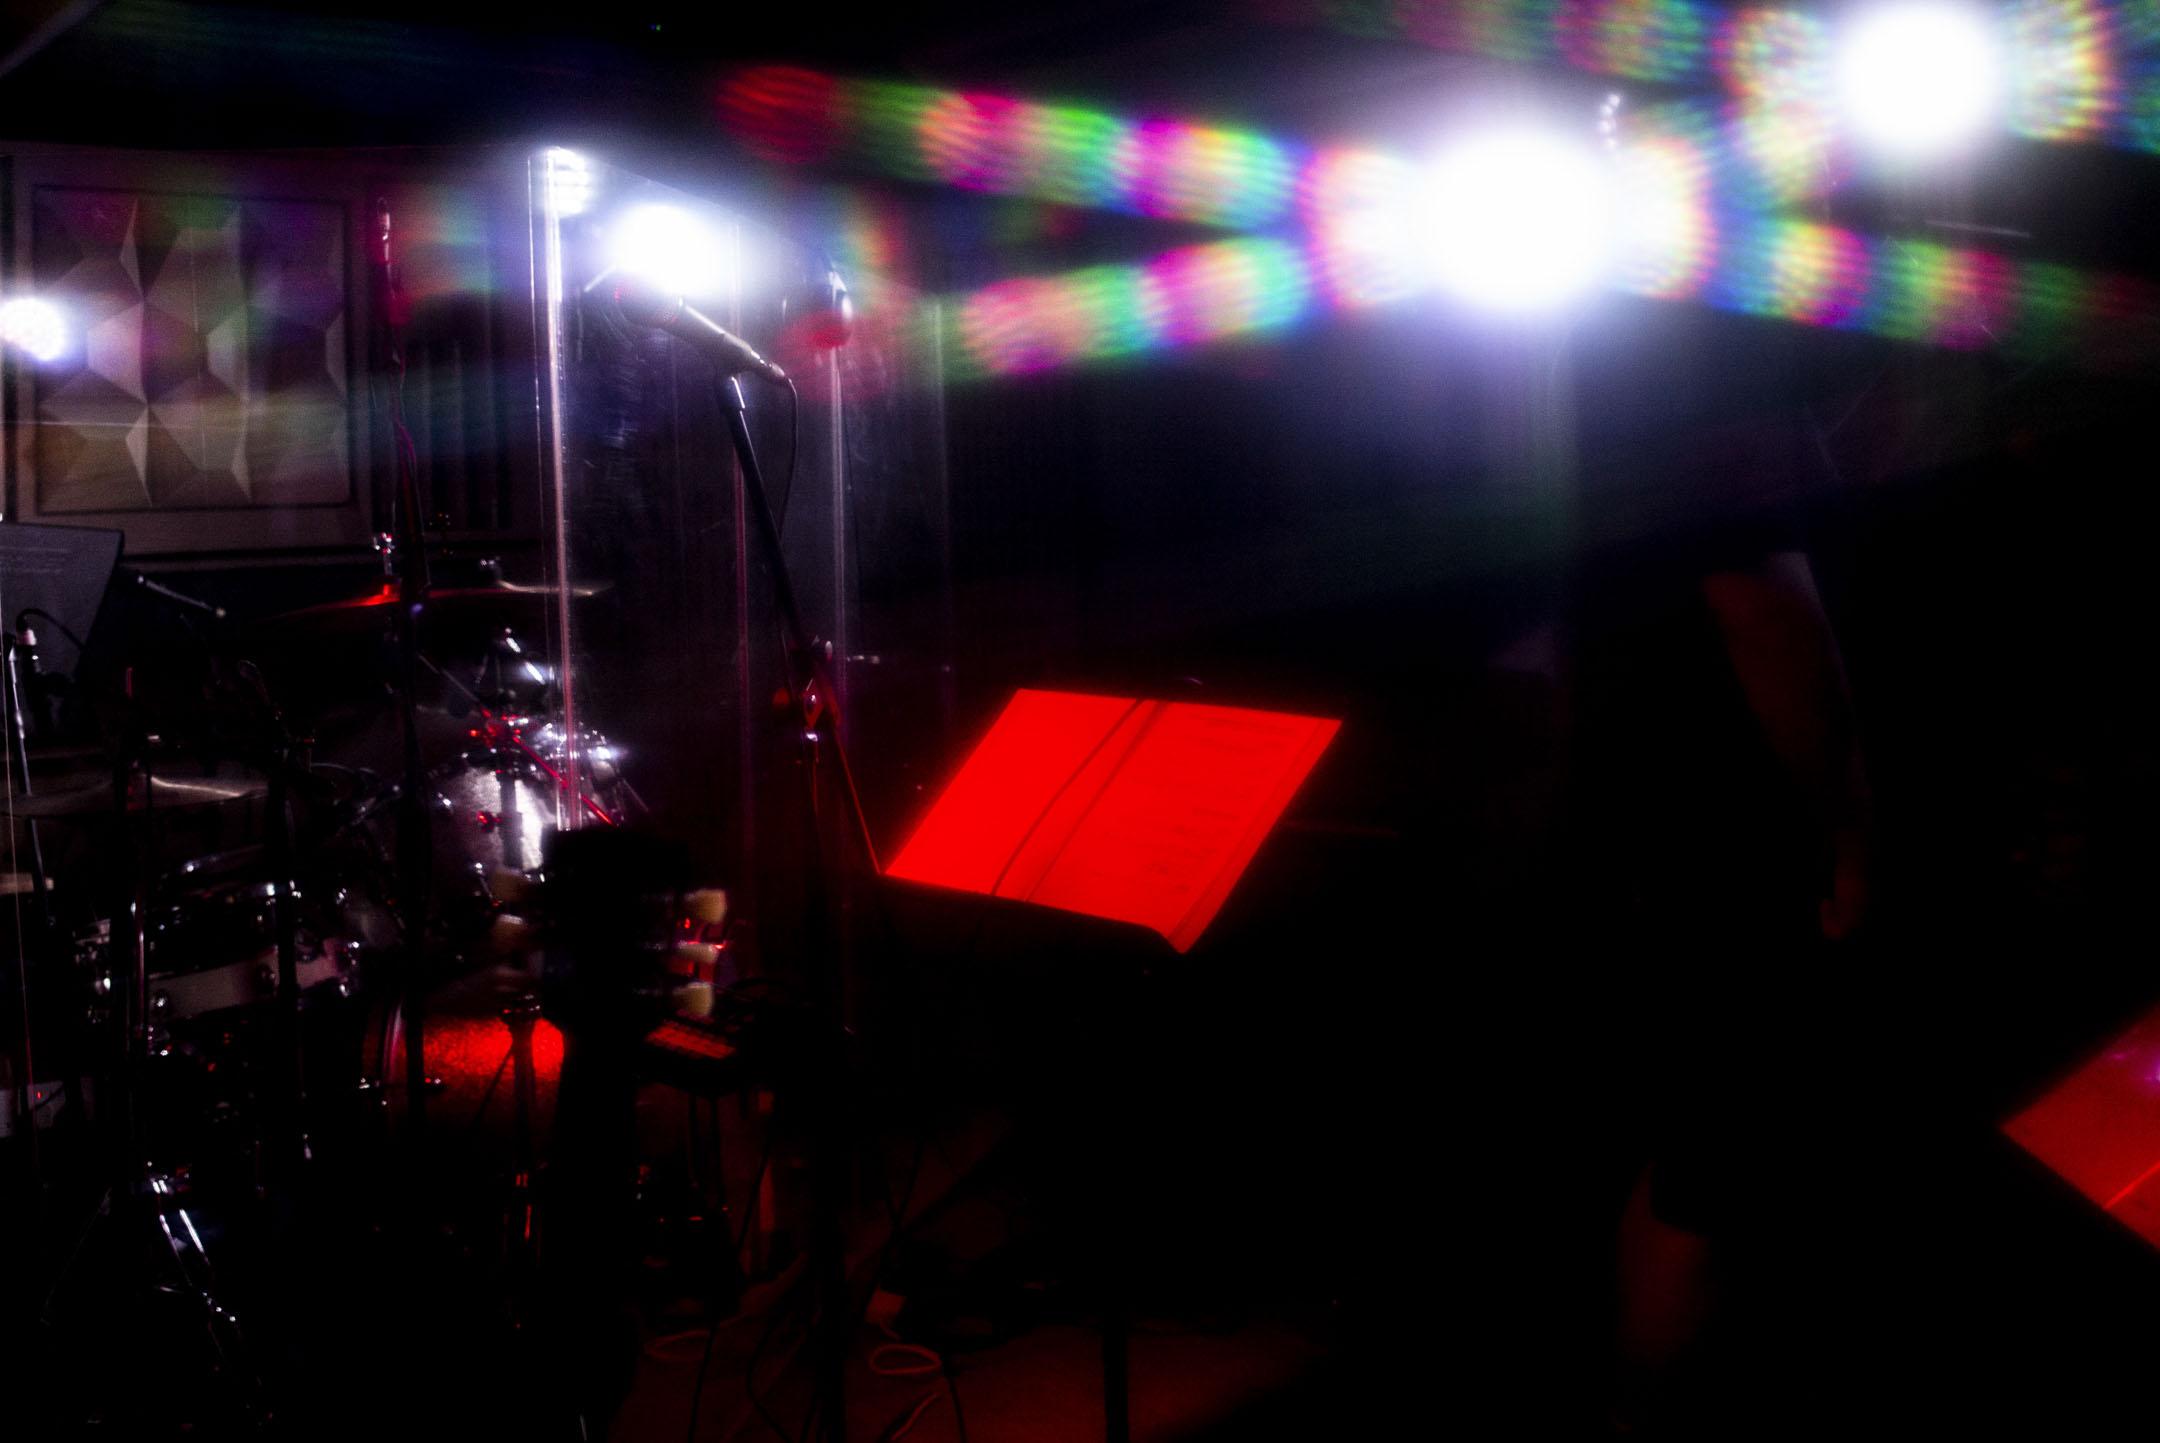 高登音樂台演出的舞台上,被紅色燈光照射下的樂譜。